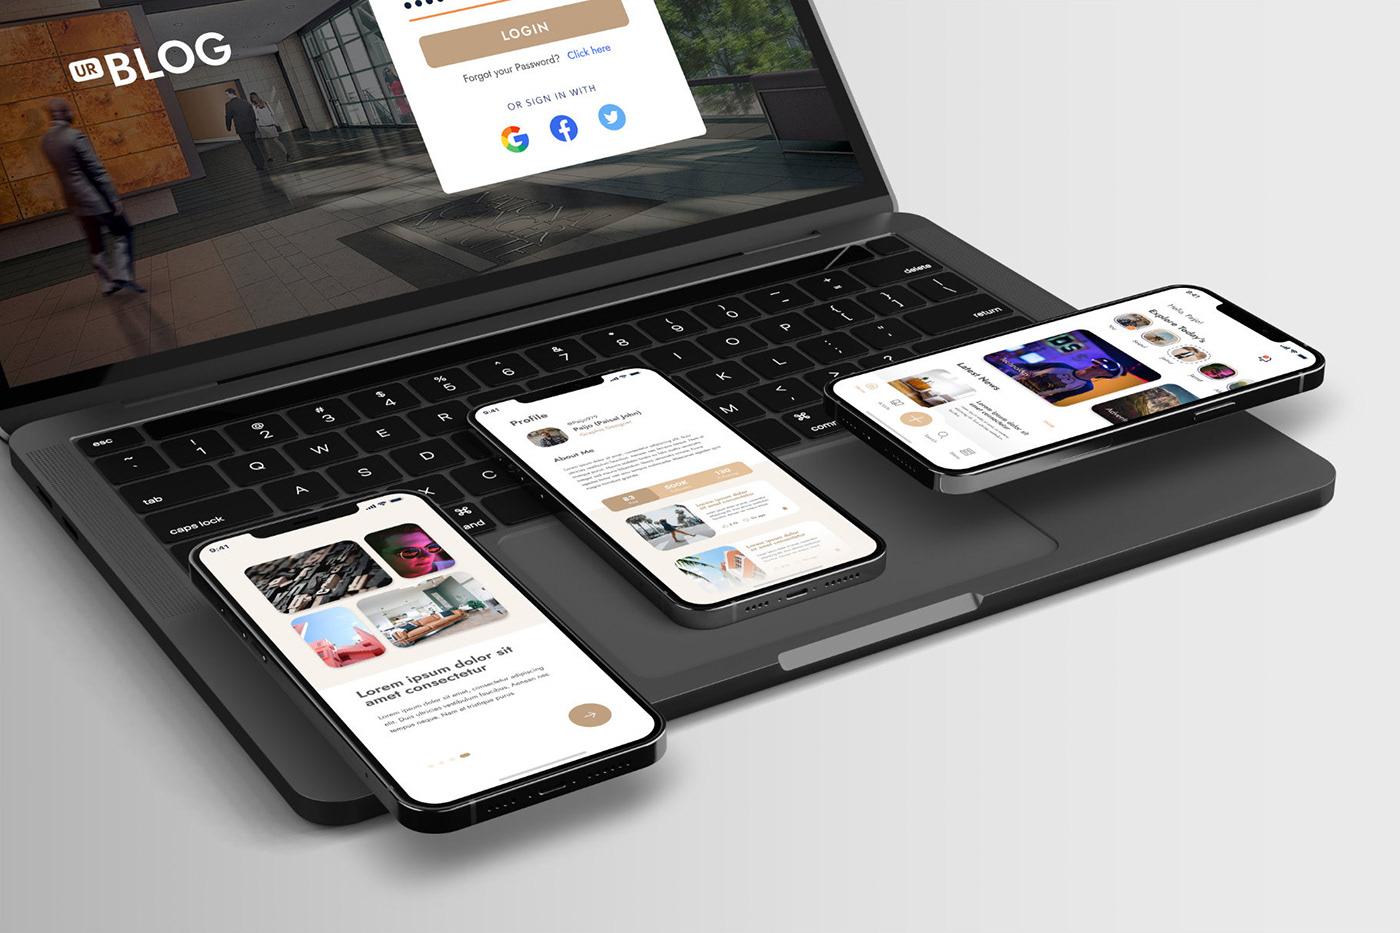 15个自适应网页APP界面设计苹果设备屏幕演示样机模板 UI/UX App Presentation – Phone & Notebook Mockup插图6